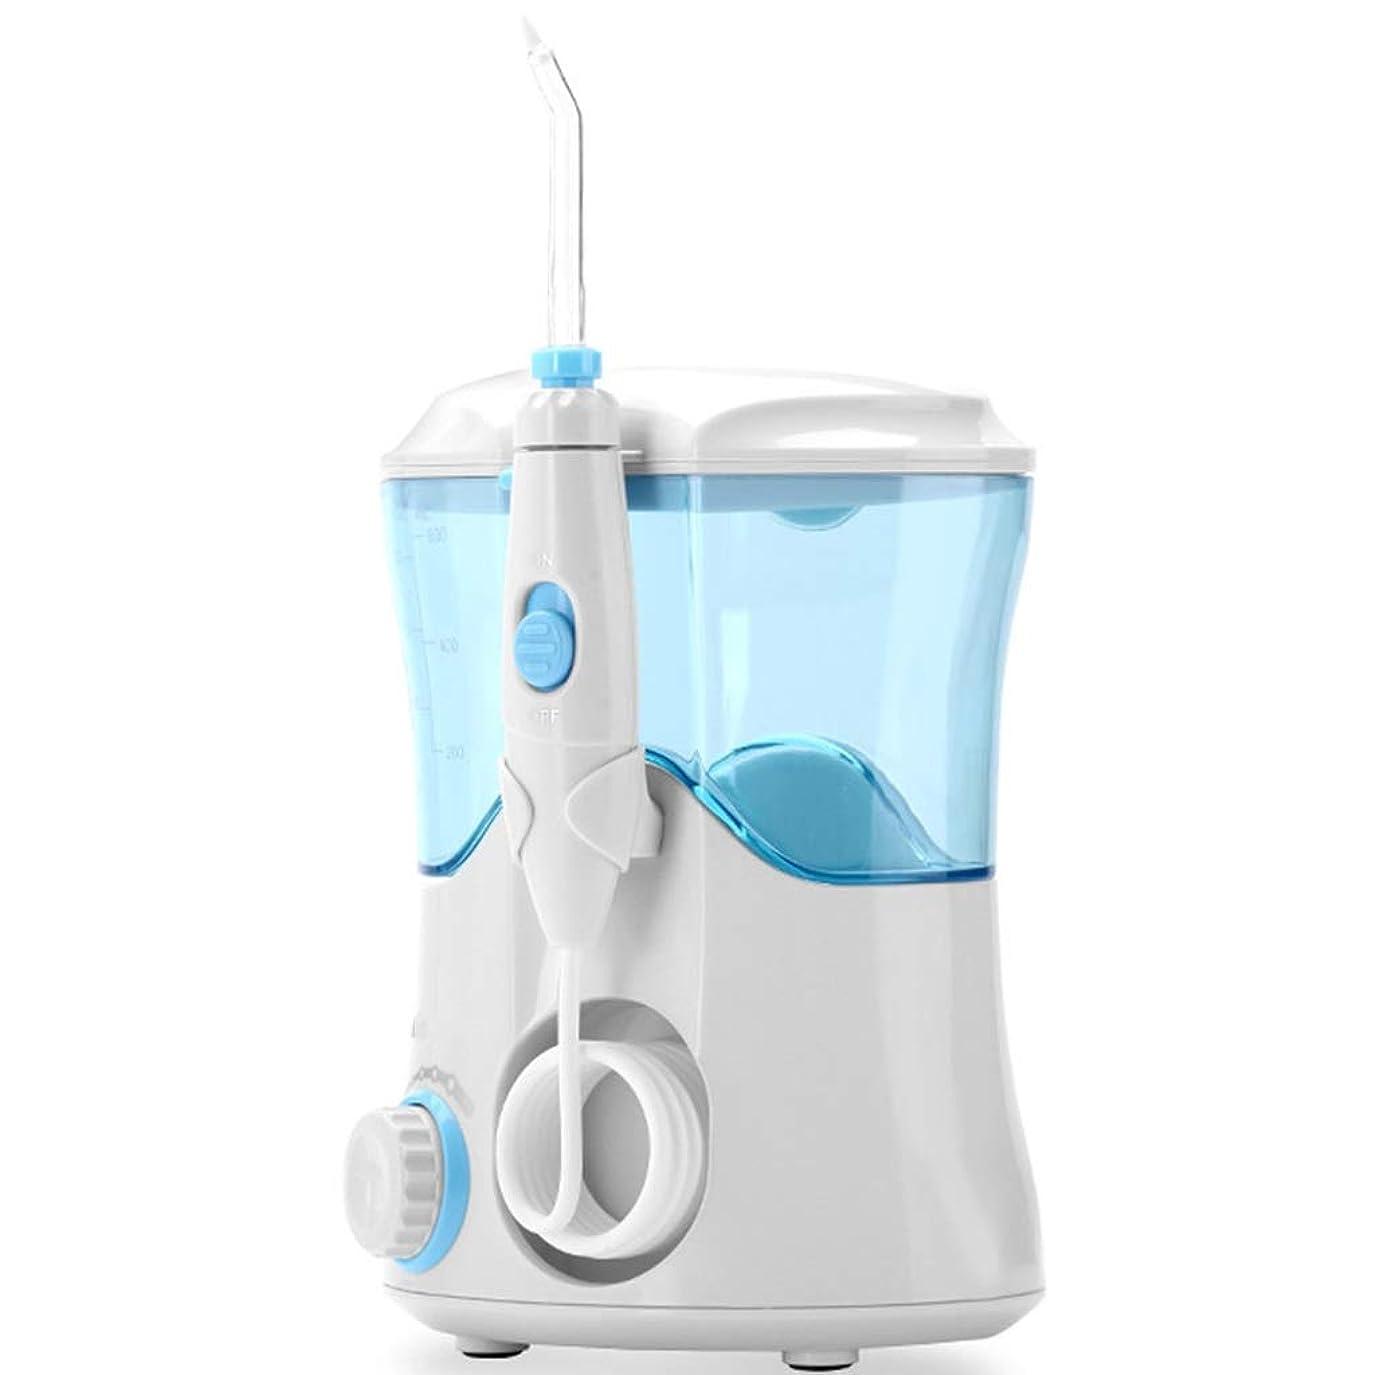 タイピスト楽しい水銀のプロのコードレス歯科用口腔洗浄器 - ポータブルおよび充電式IPX7は、家庭用および旅行用の洗浄可能な水タンクで3モードのフロスを防水、ブレース、ブリッジのお手入れ (Color : Black)